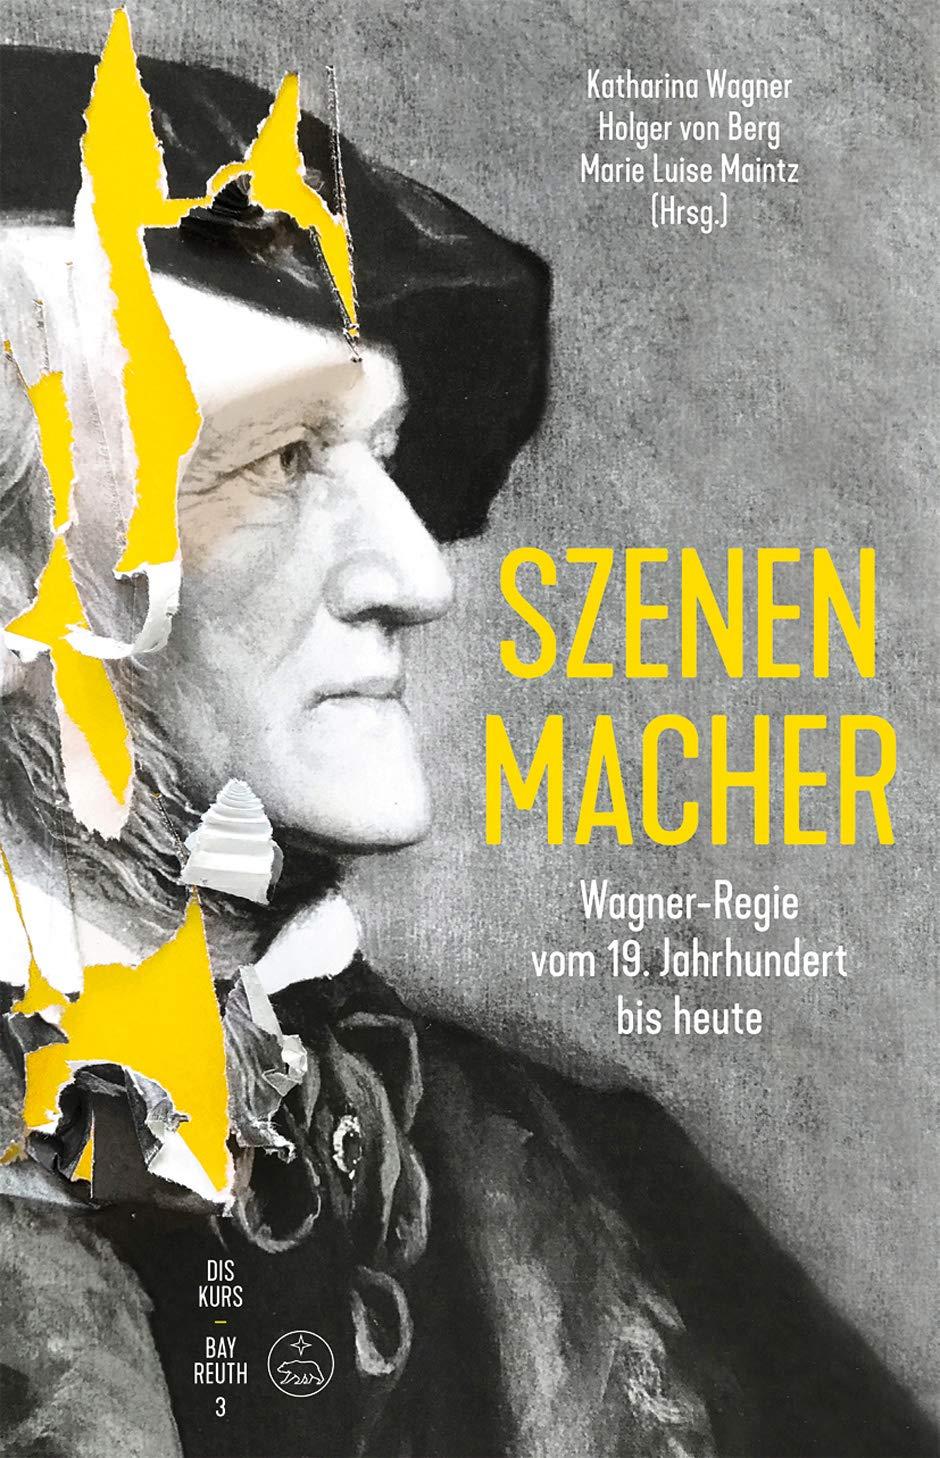 Szenen-Macher -Wagner-Regie vom 19. Jahrhundert bis heute-. Buch. Diskurs  Bayreuth 3: Amazon.de: Wagner, Katharina, Berg, Holger von, Maintz, Marie  Luise: Bücher